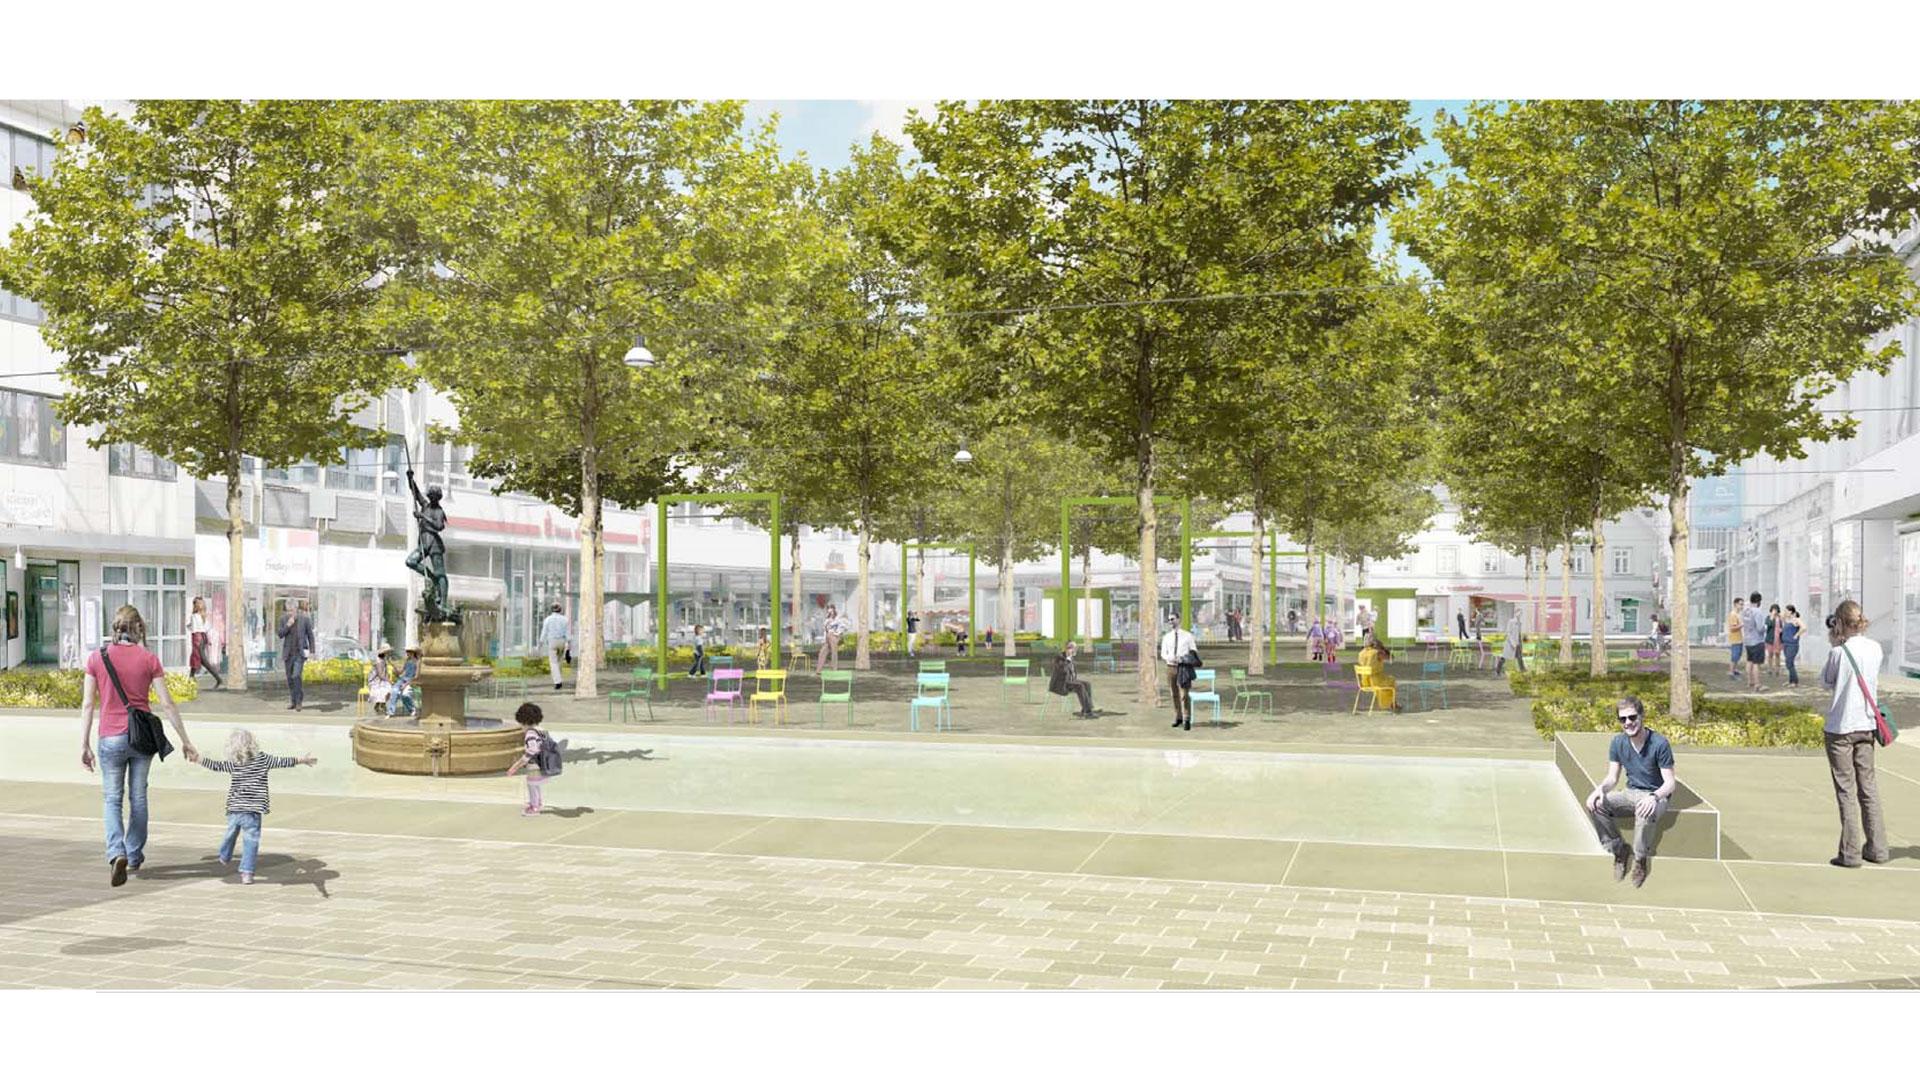 Im Gestaltungskonzept von Susanne Weihrauch vom Planungsbüro [f] Landschaftsarchitektur, würden Passanten die aus der umliegenden Fußgängerzone komme, am Neumarkt so empfangen. Grafik: [f] Landschaftsarchitektur. © Stadt Limburg